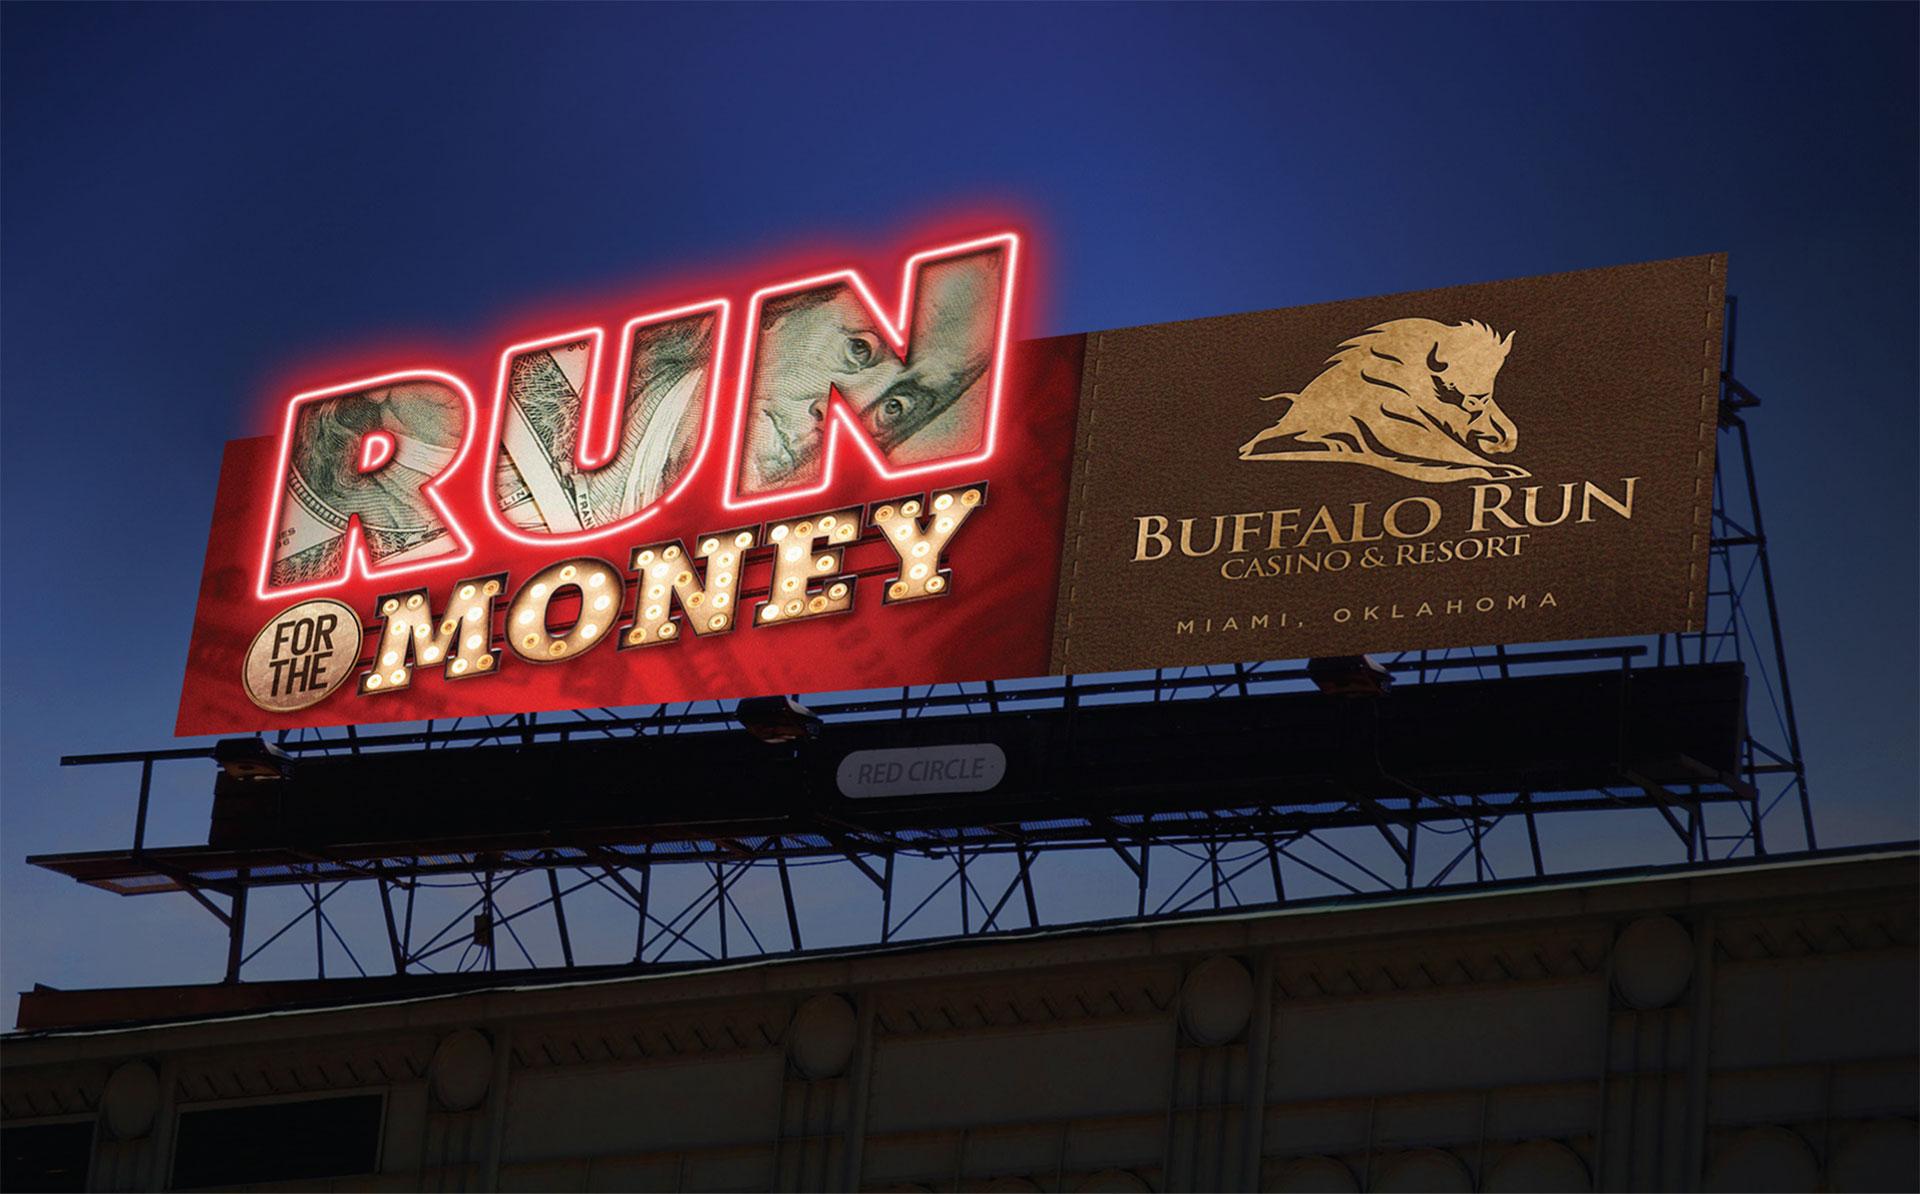 Buffalo Run Casino Billboard